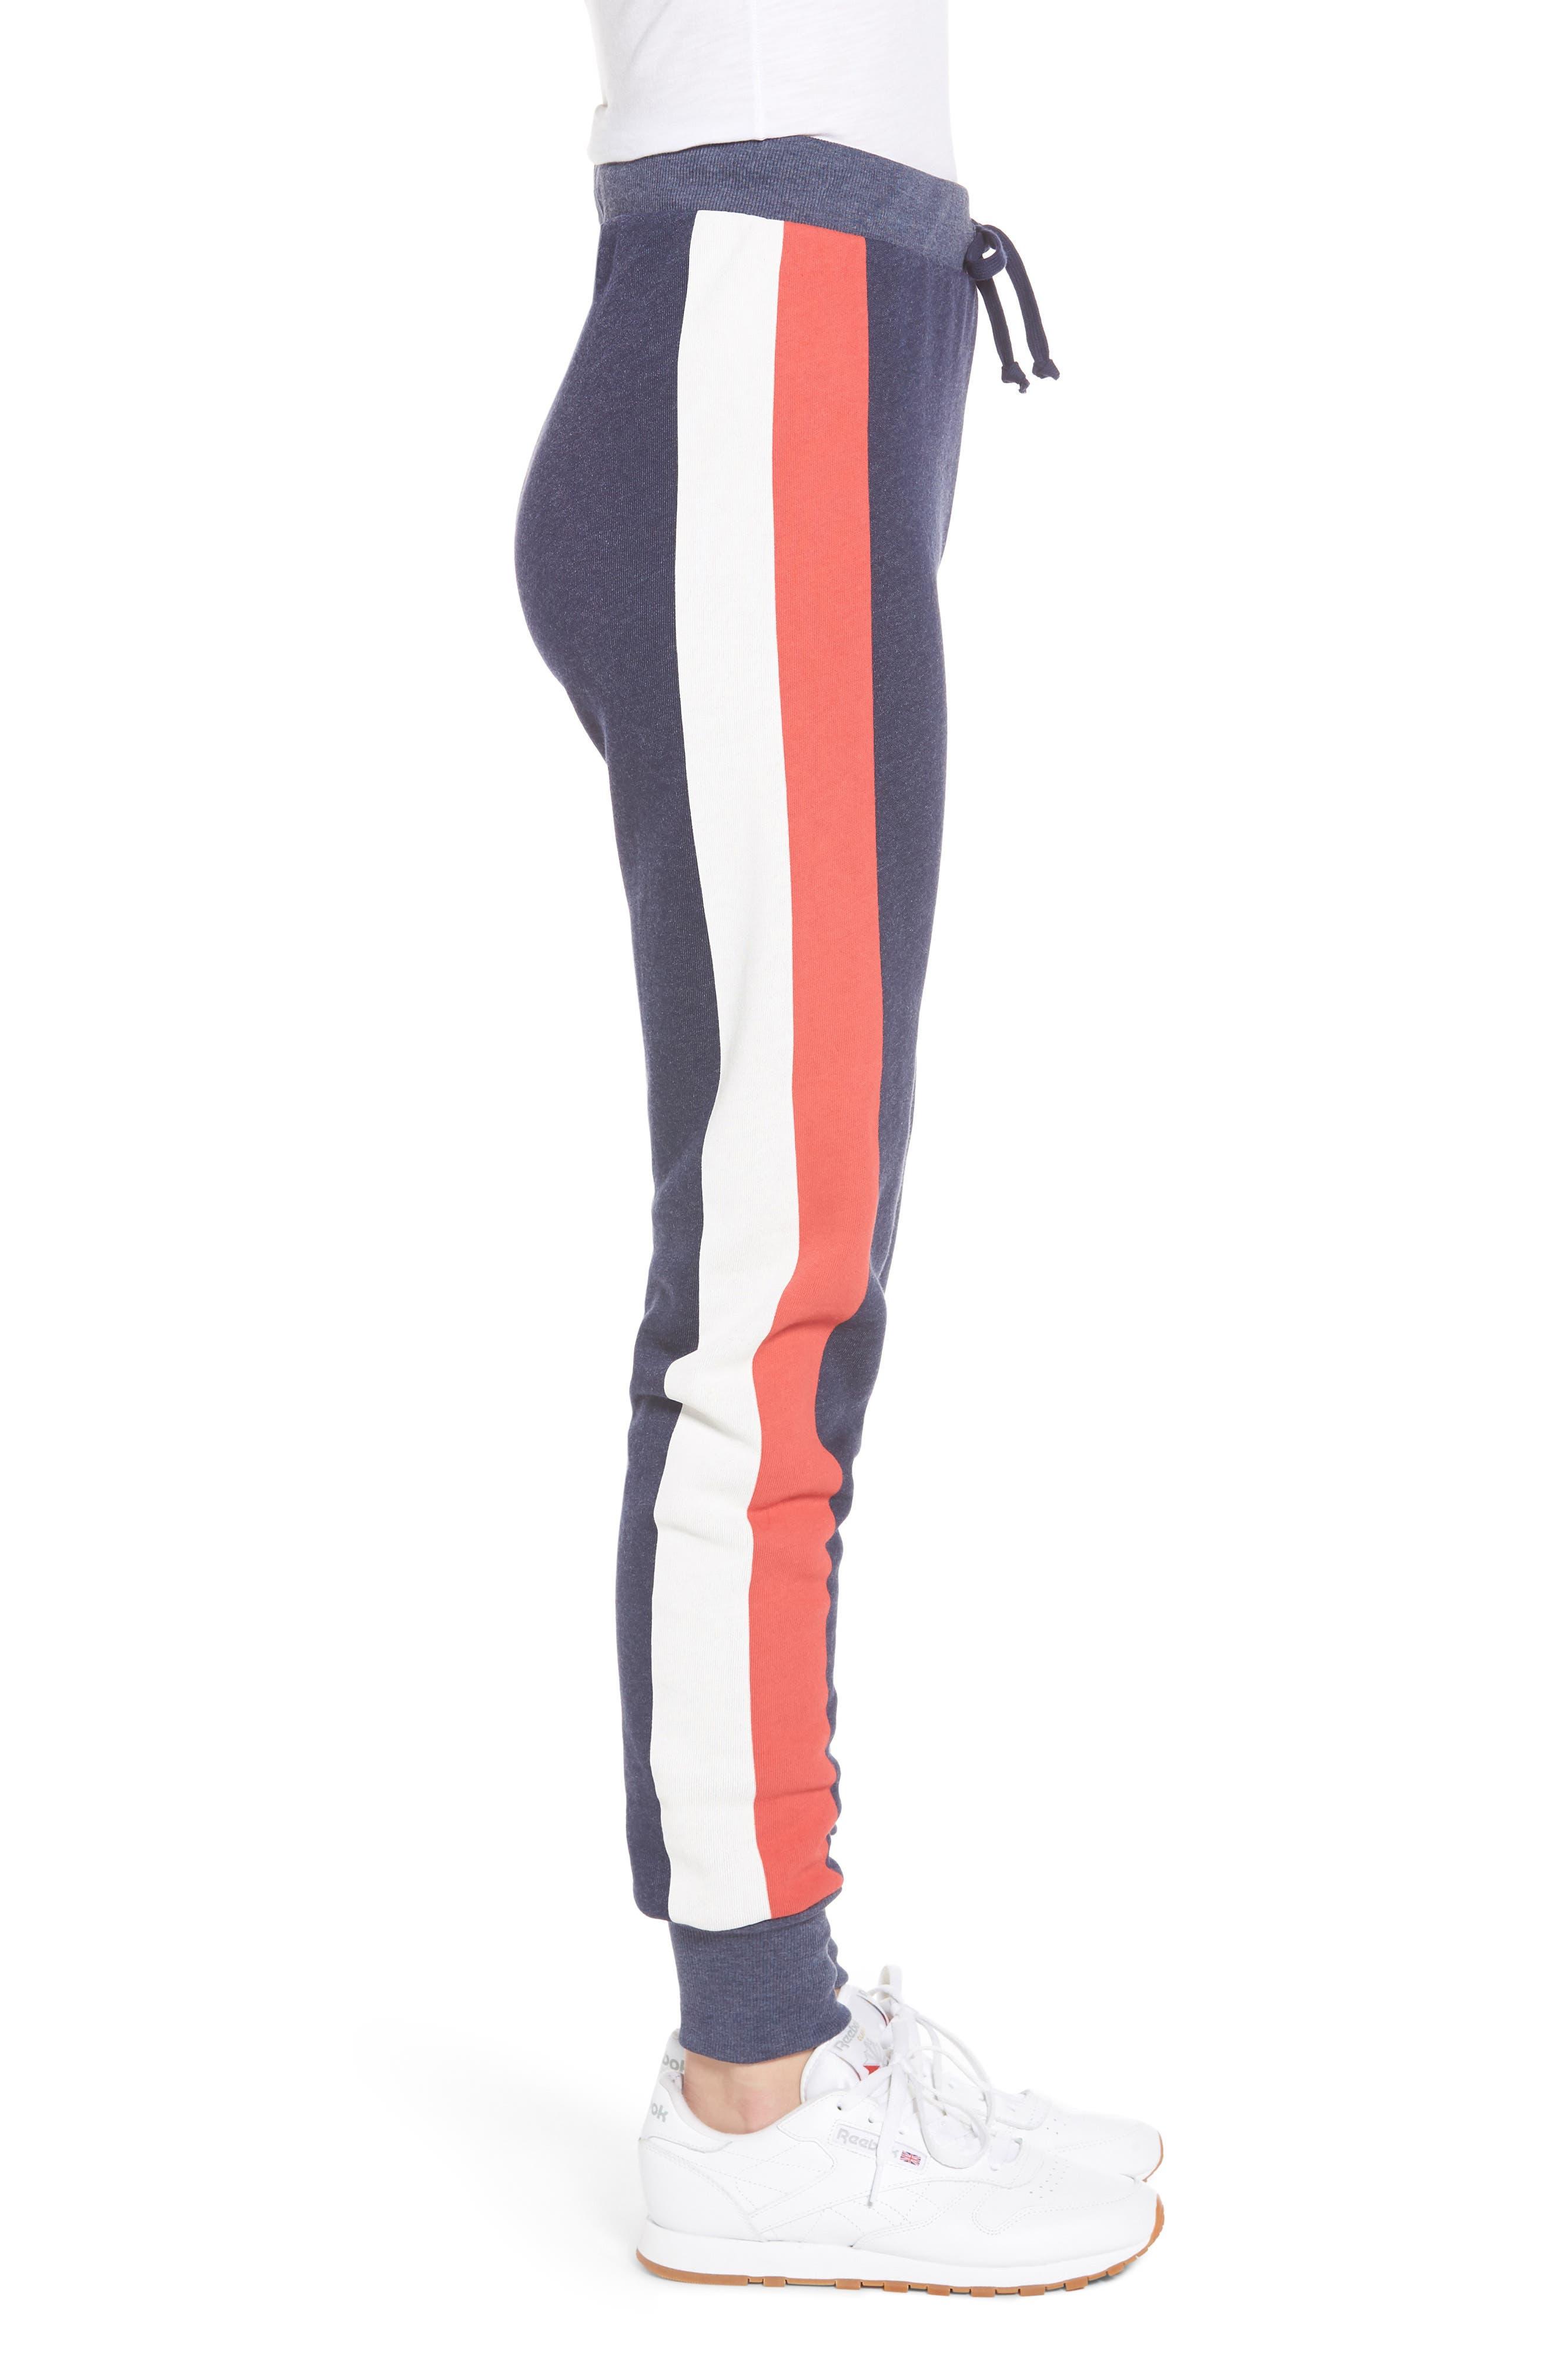 Jack Varsity Stripe Jogger Pants,                             Alternate thumbnail 3, color,                             410